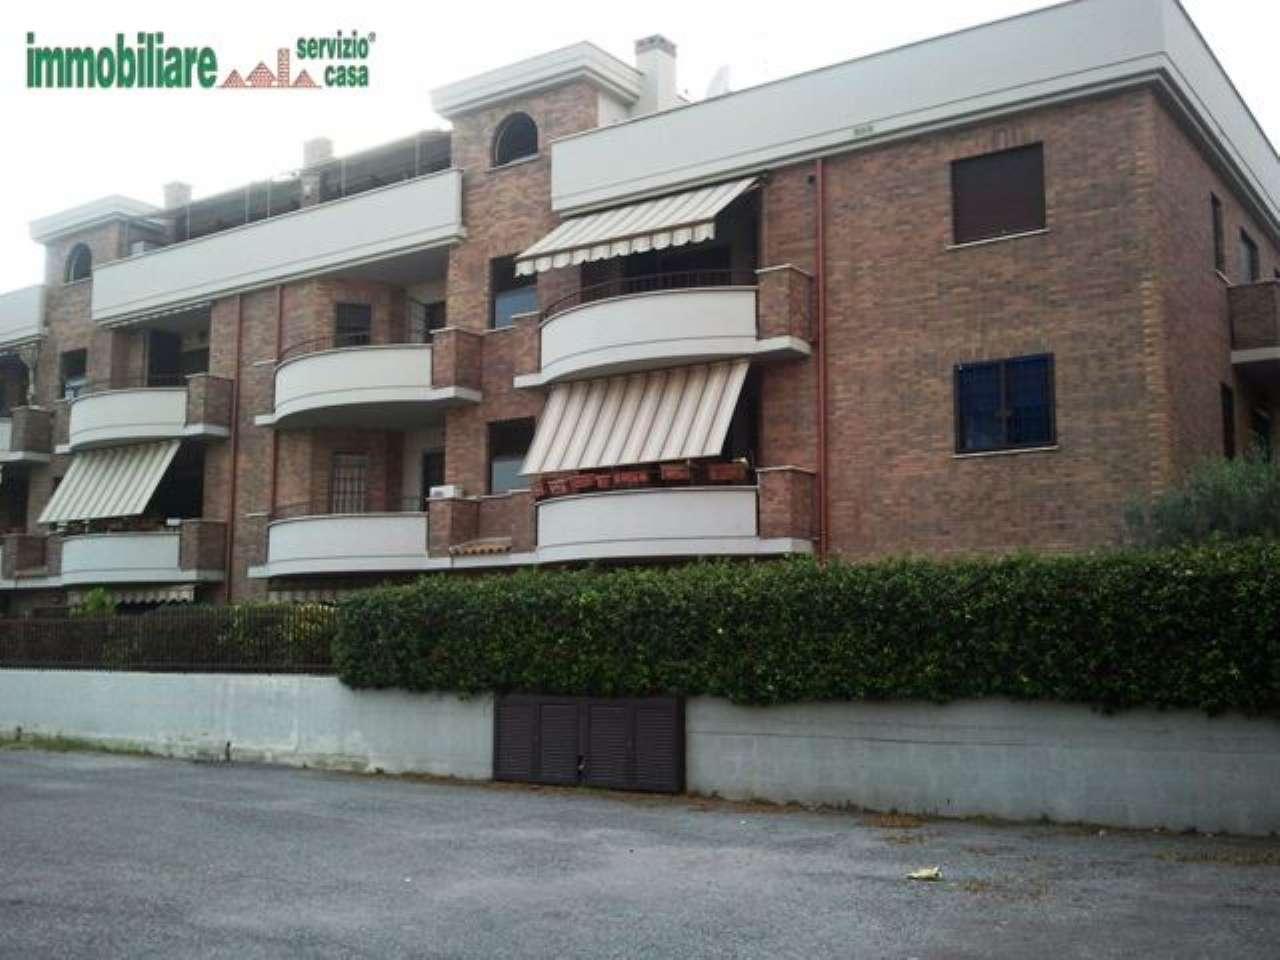 Appartamento in vendita a Tivoli, 3 locali, prezzo € 175.000 | CambioCasa.it